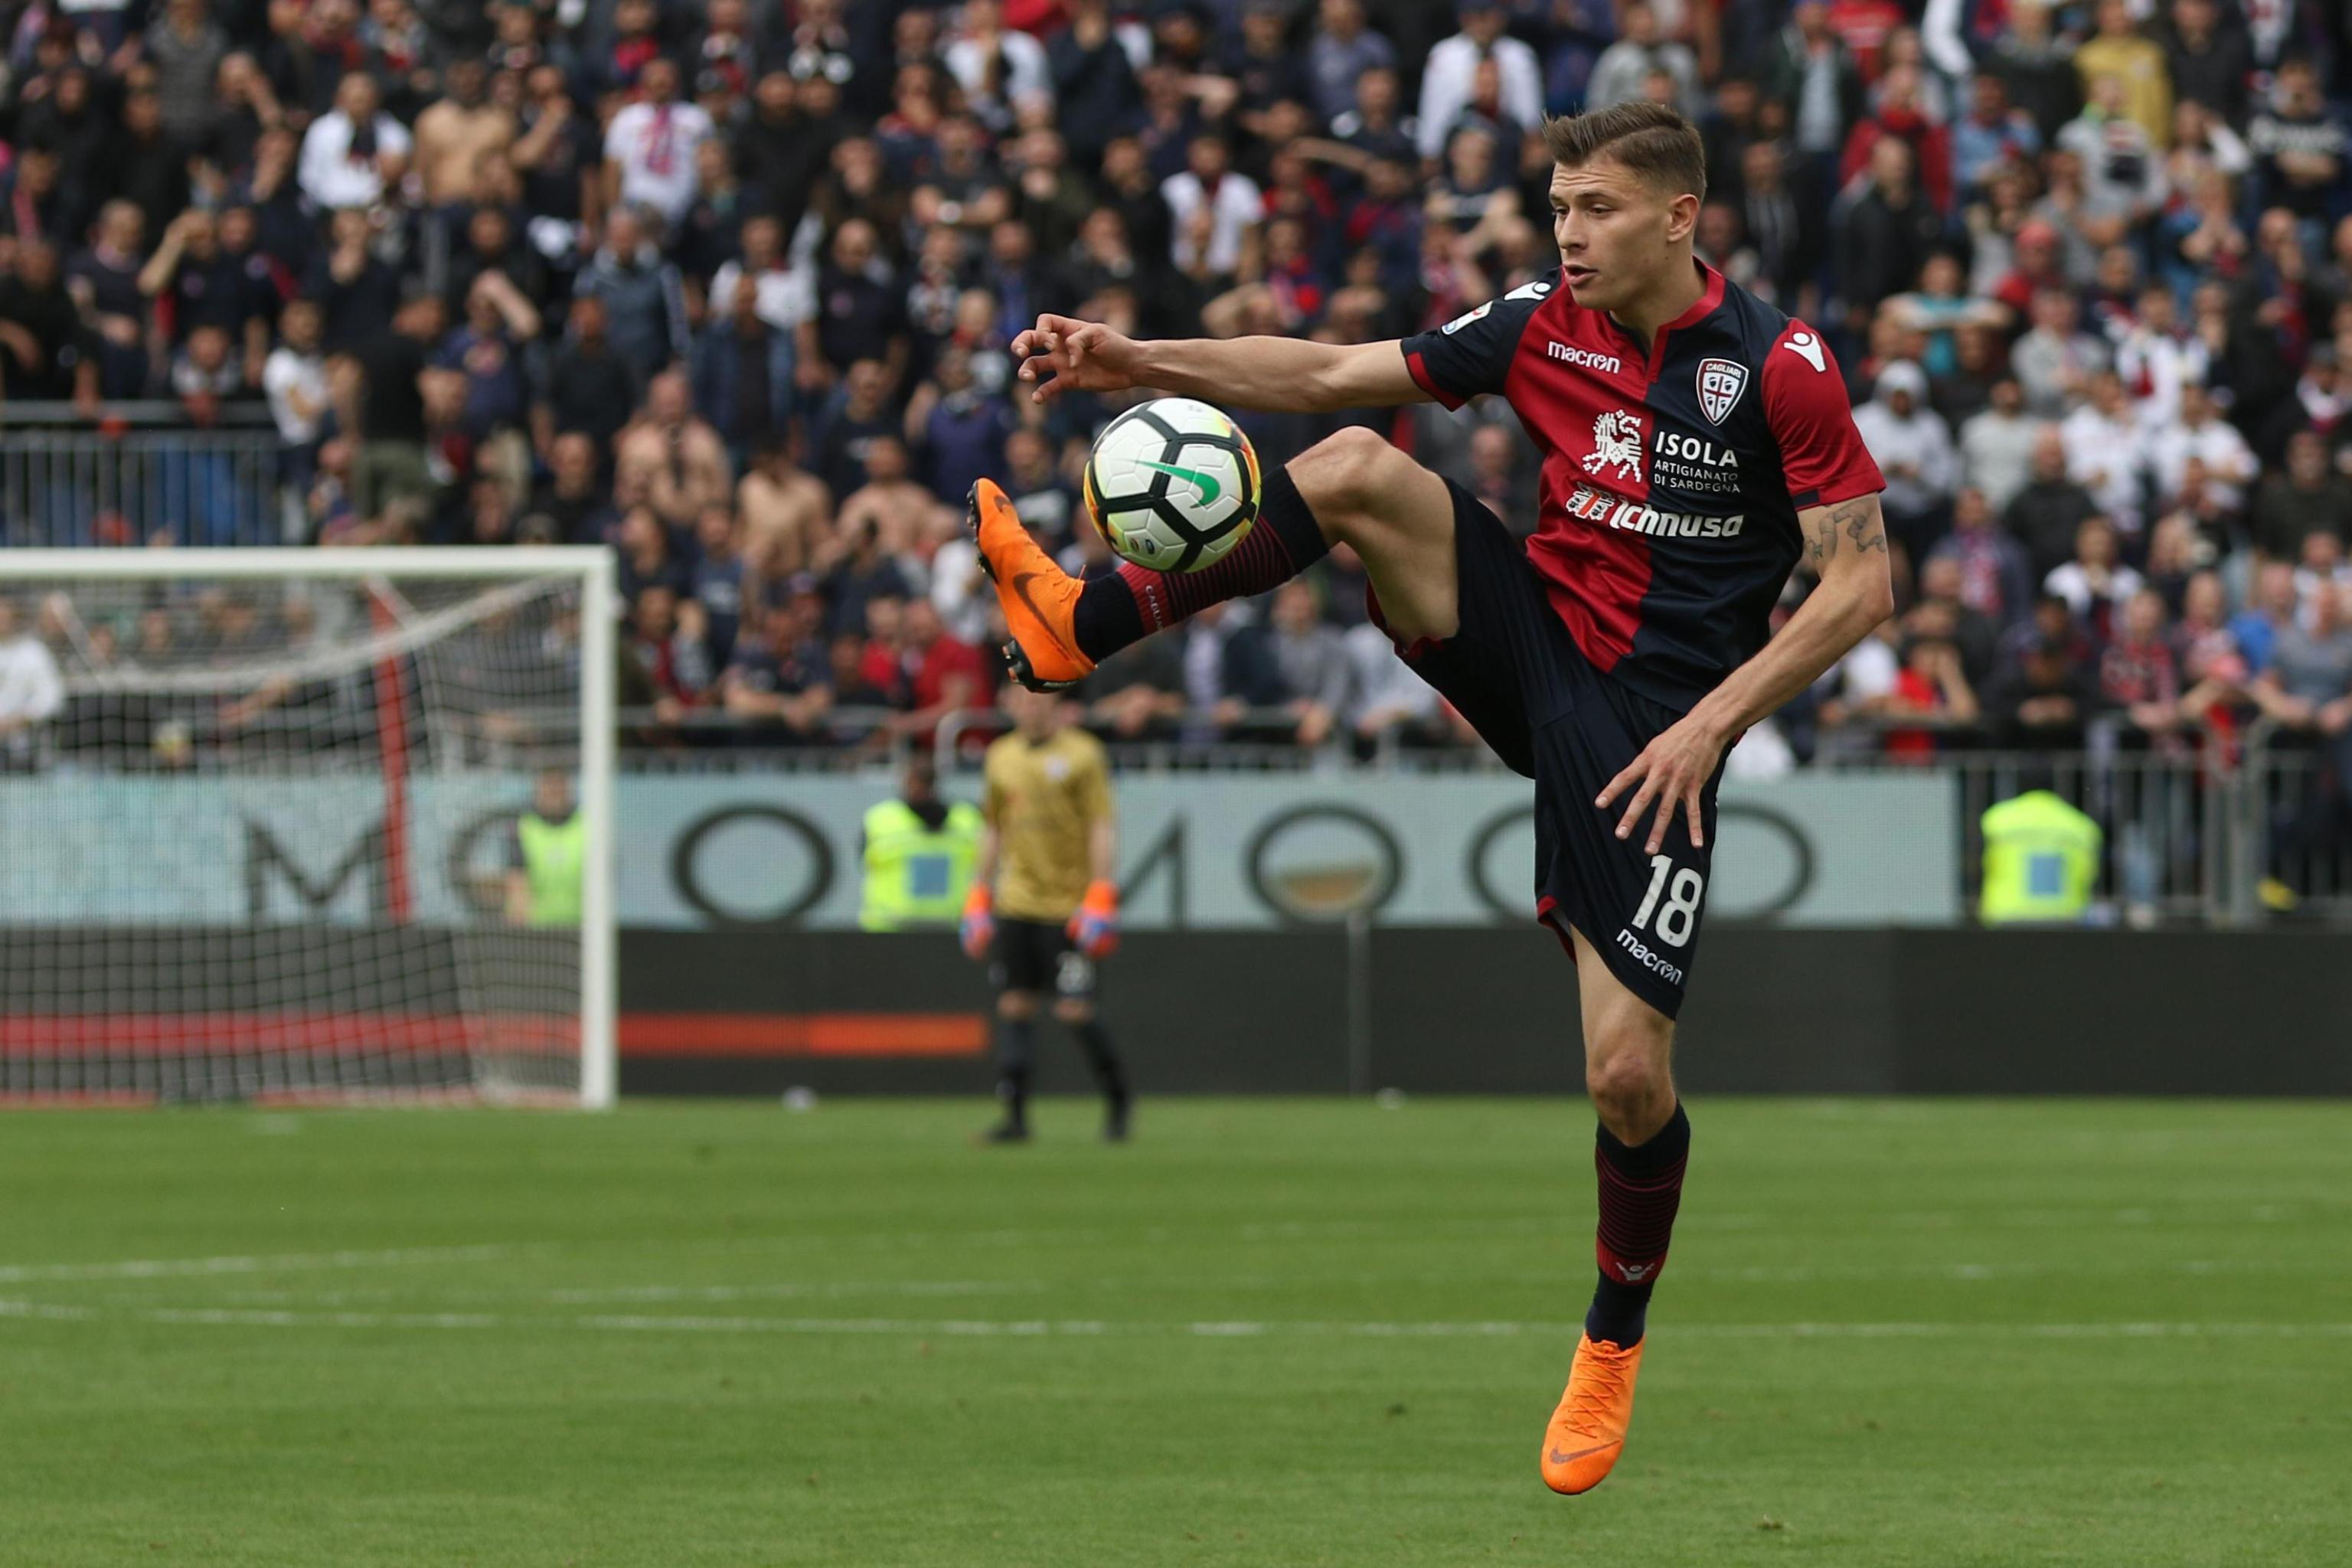 Barella (Cagliari)  - 35 milioni: sul centrocampista del Cagliari c'è l'Inter in vantaggio. Il ds Ausilio ha incontrato gli agenti per iniziare la trattativa